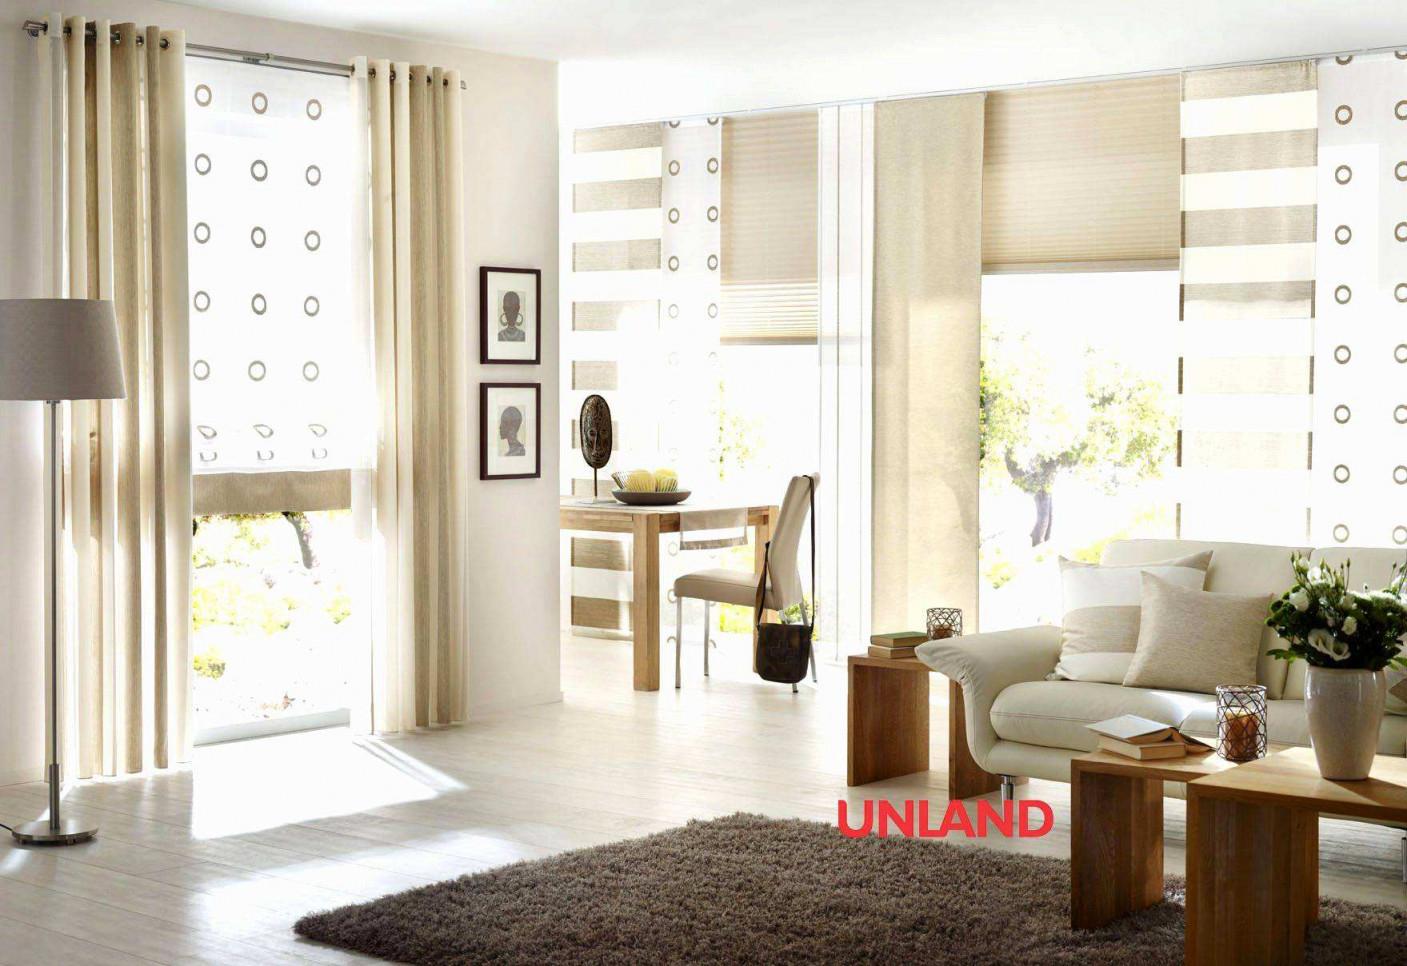 Gardinen Wohnzimmer Kurz Das Beste Von Gardinen Wohnzimmer von Gardinen Wohnzimmer Kurz Und Lang Bild